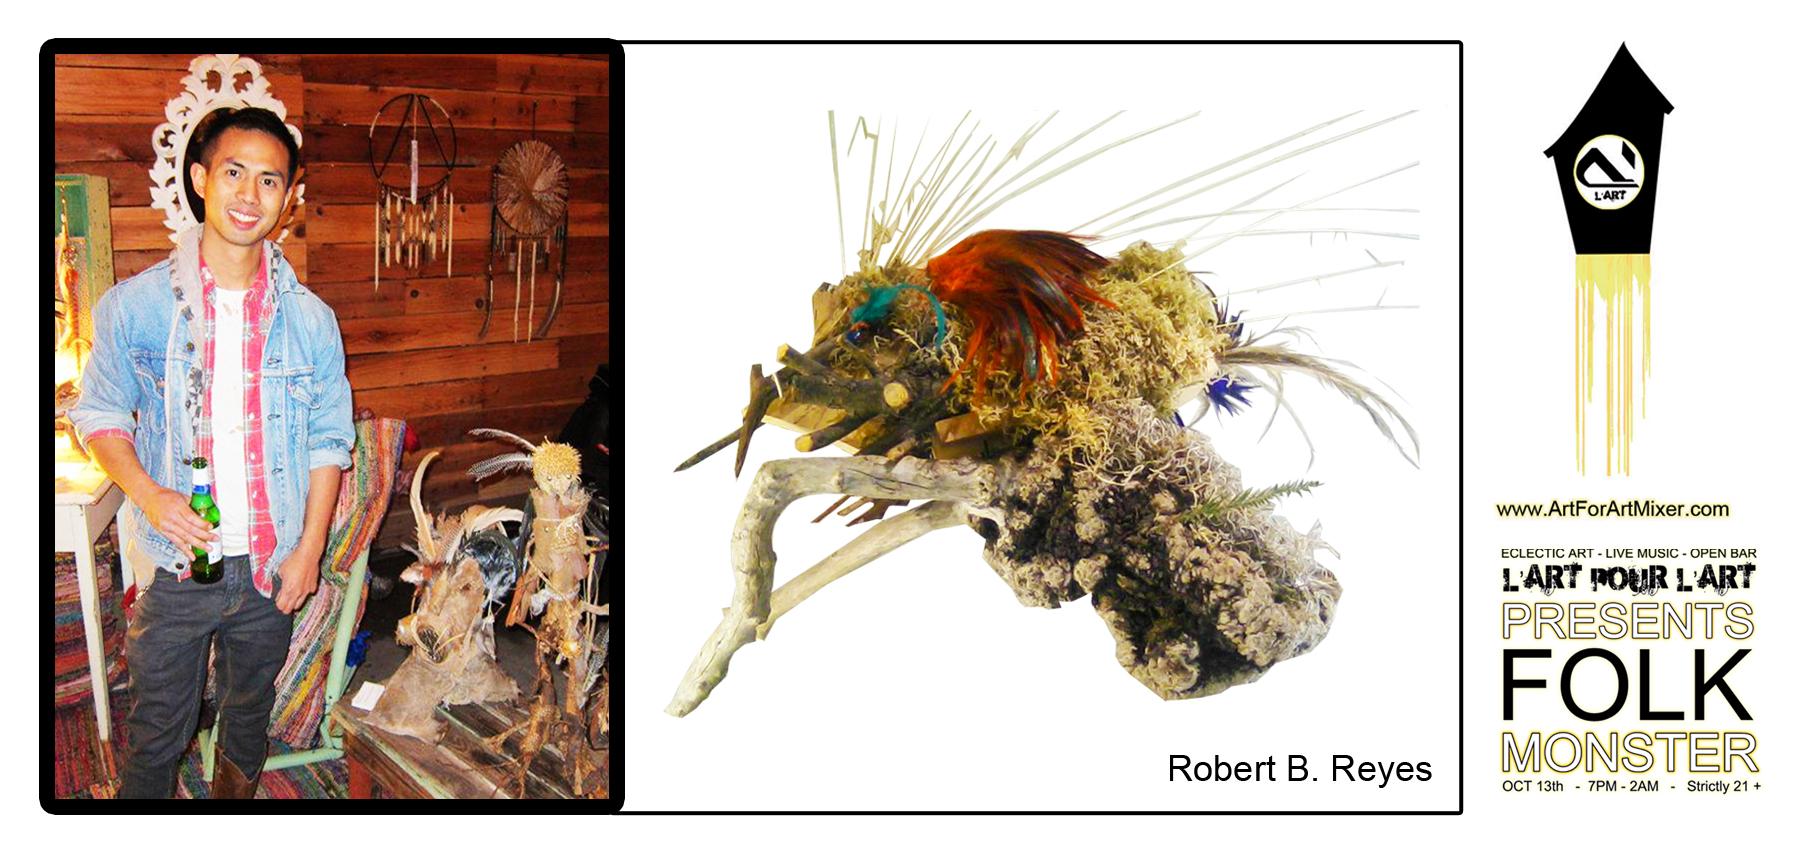 2012-10-11-Robert.jpg